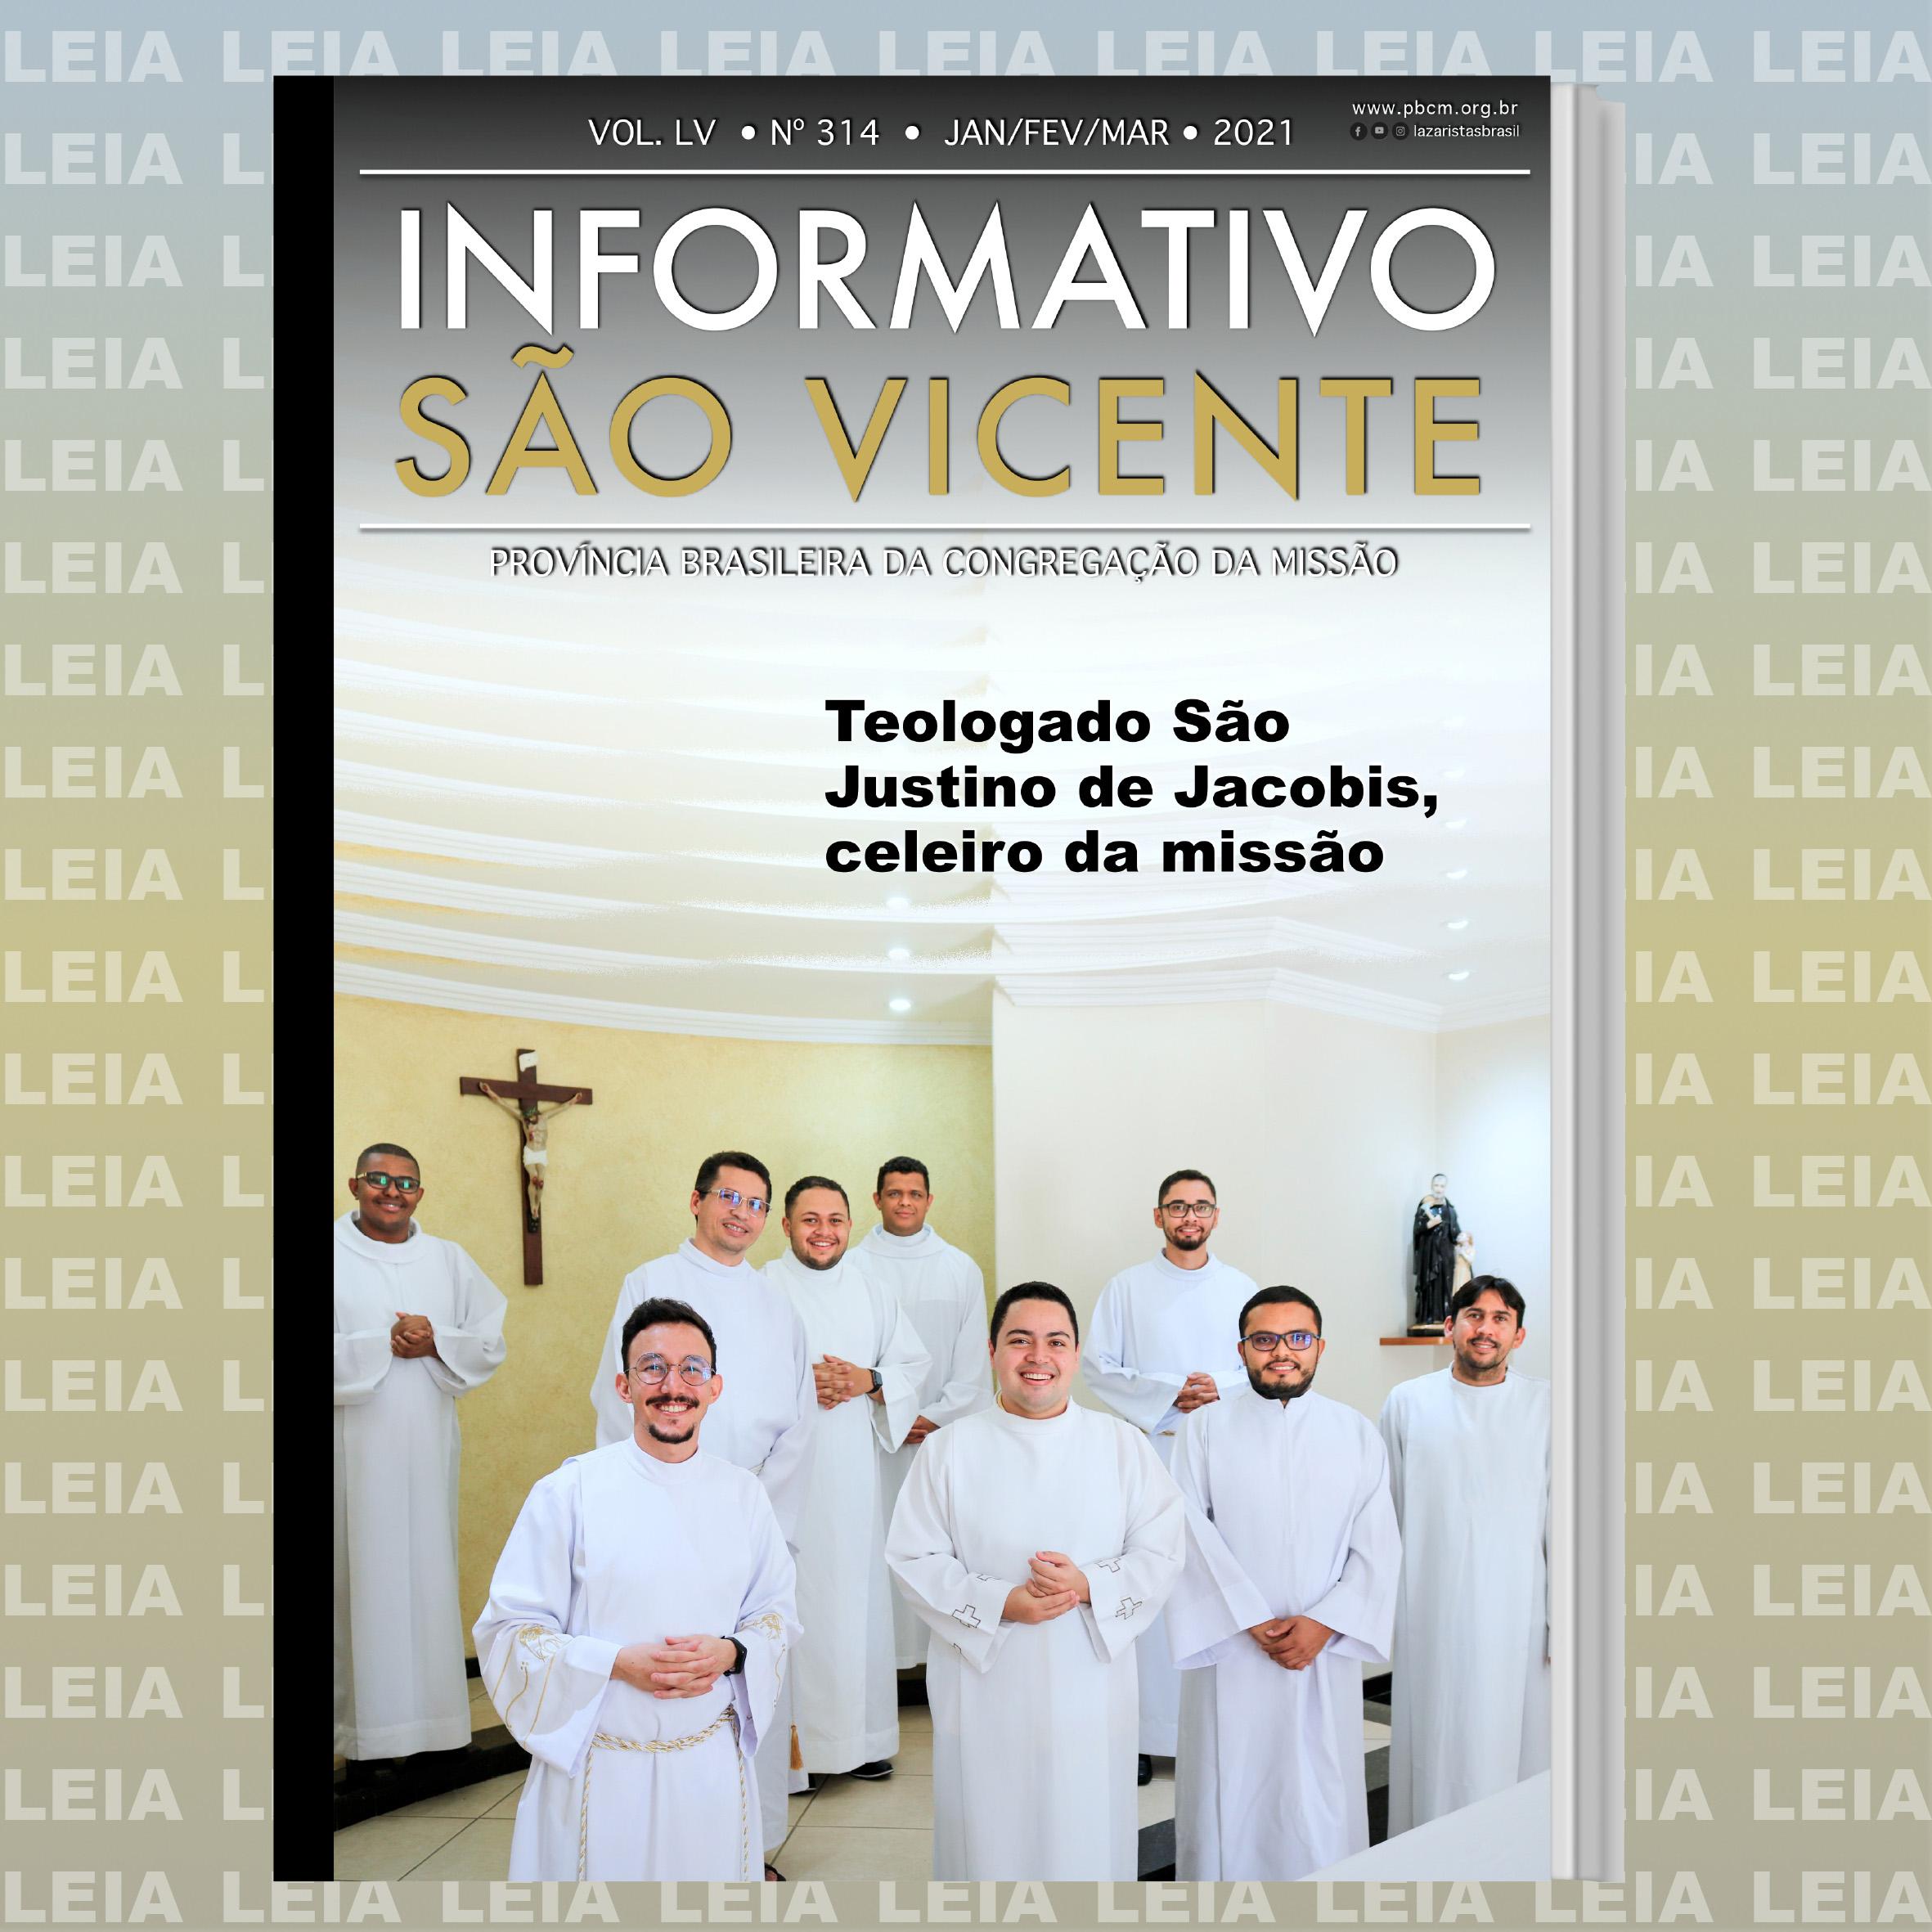 Informativo São Vicente 314